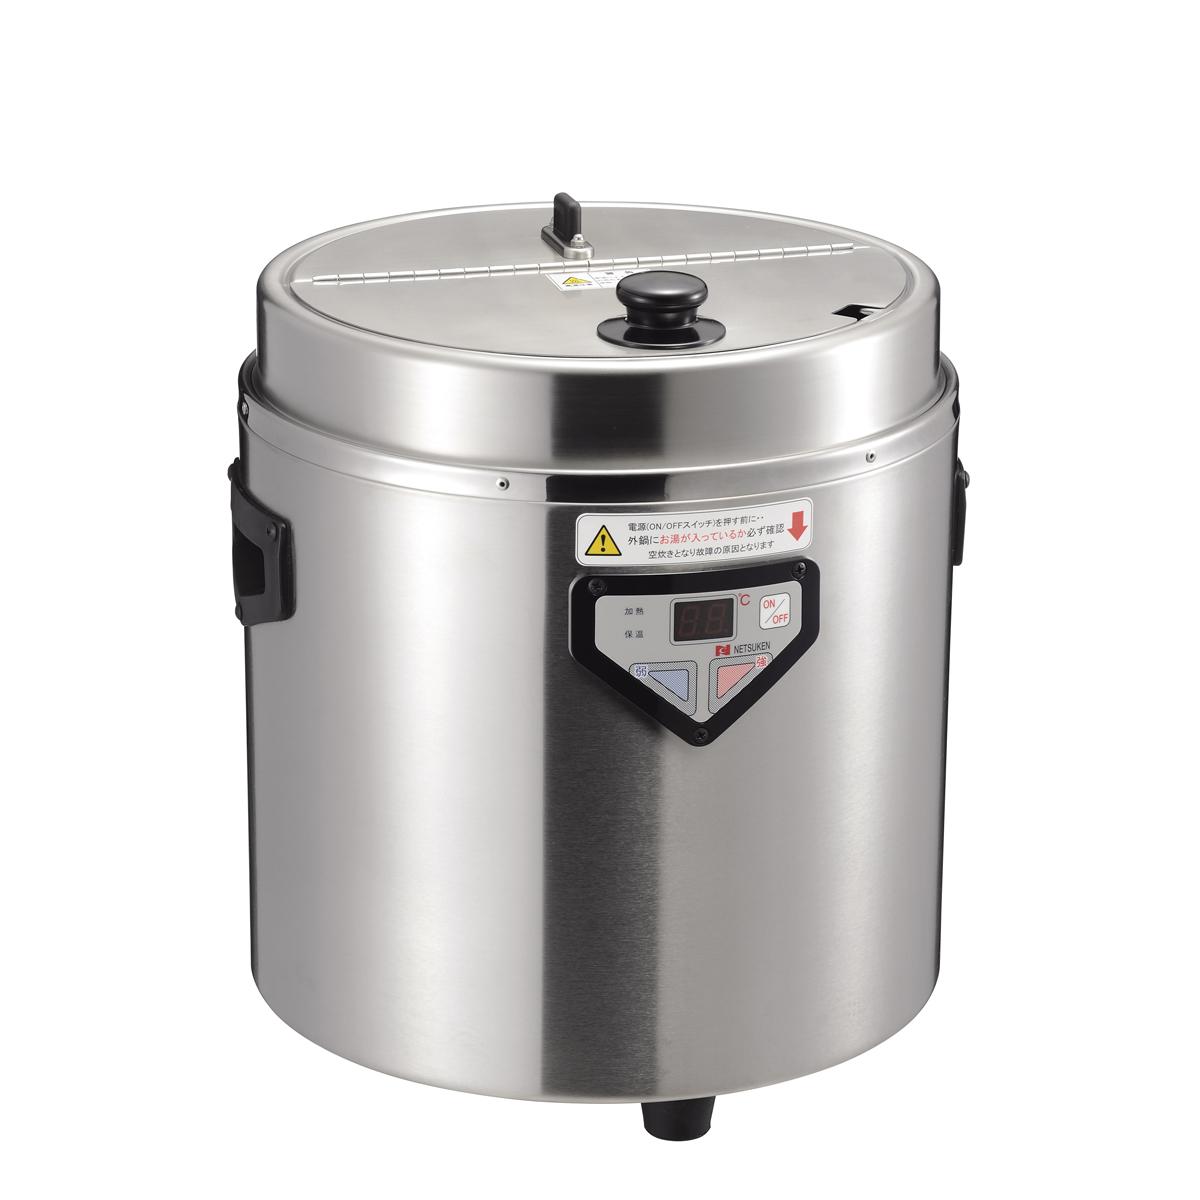 熱研 スープウォーマー エバーホット12L NMW-128